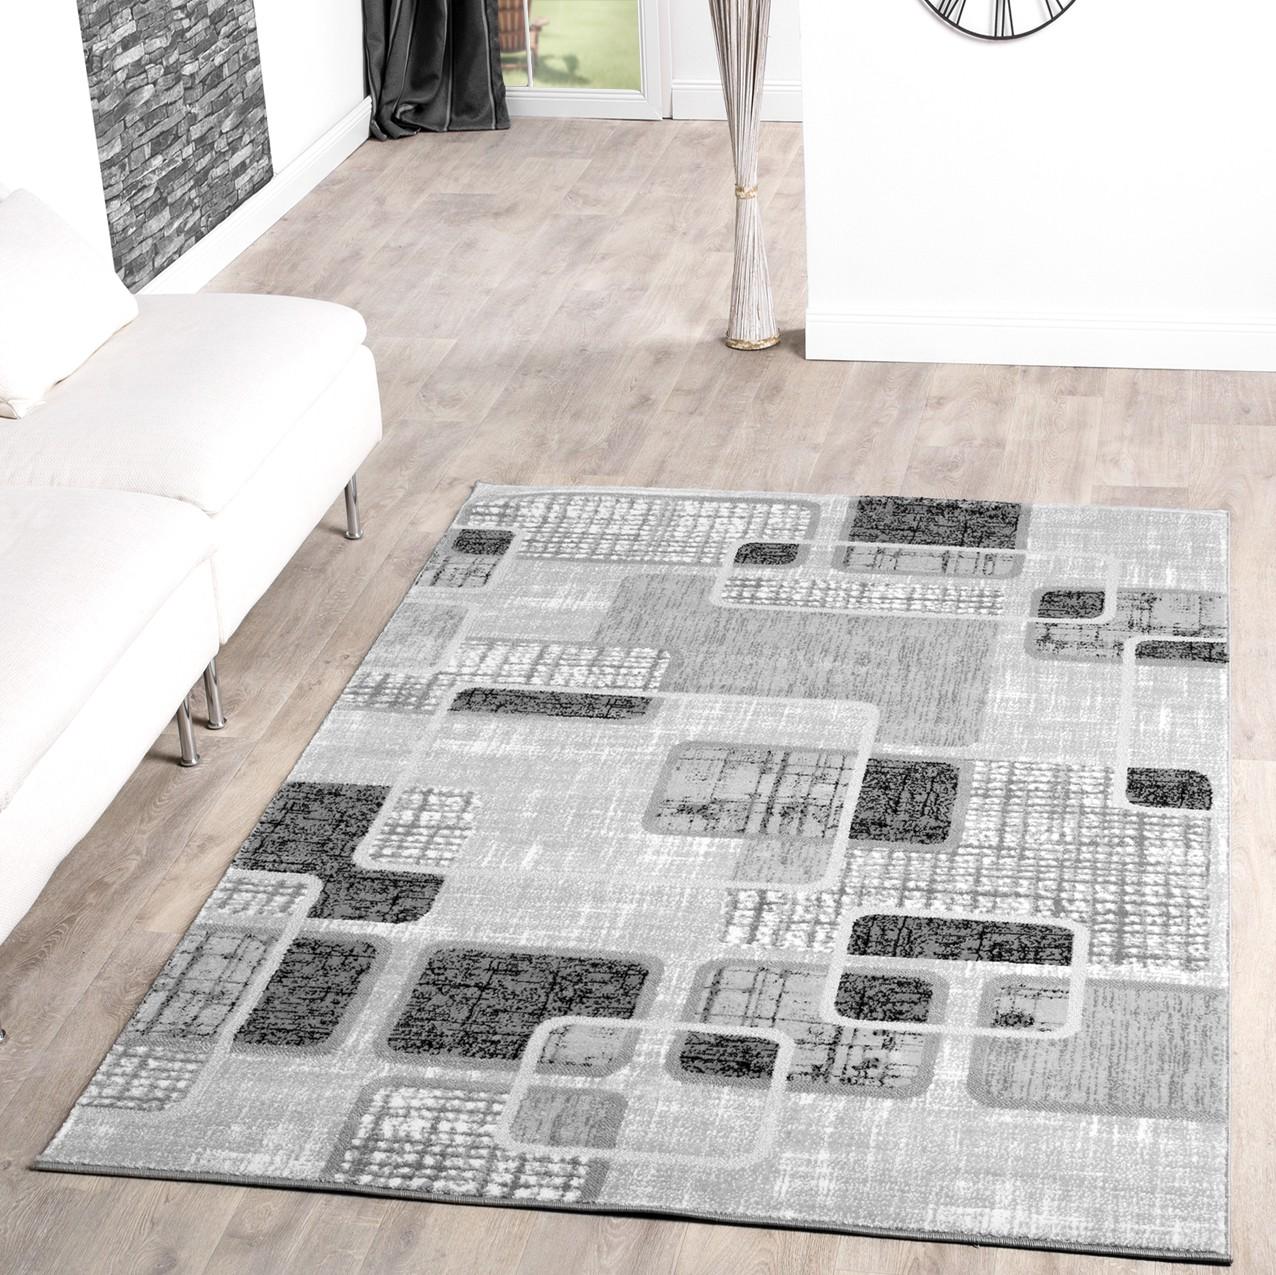 teppich g nstig retro design modern wohnzimmerteppich grau schwarz creme meliert moderne teppiche. Black Bedroom Furniture Sets. Home Design Ideas